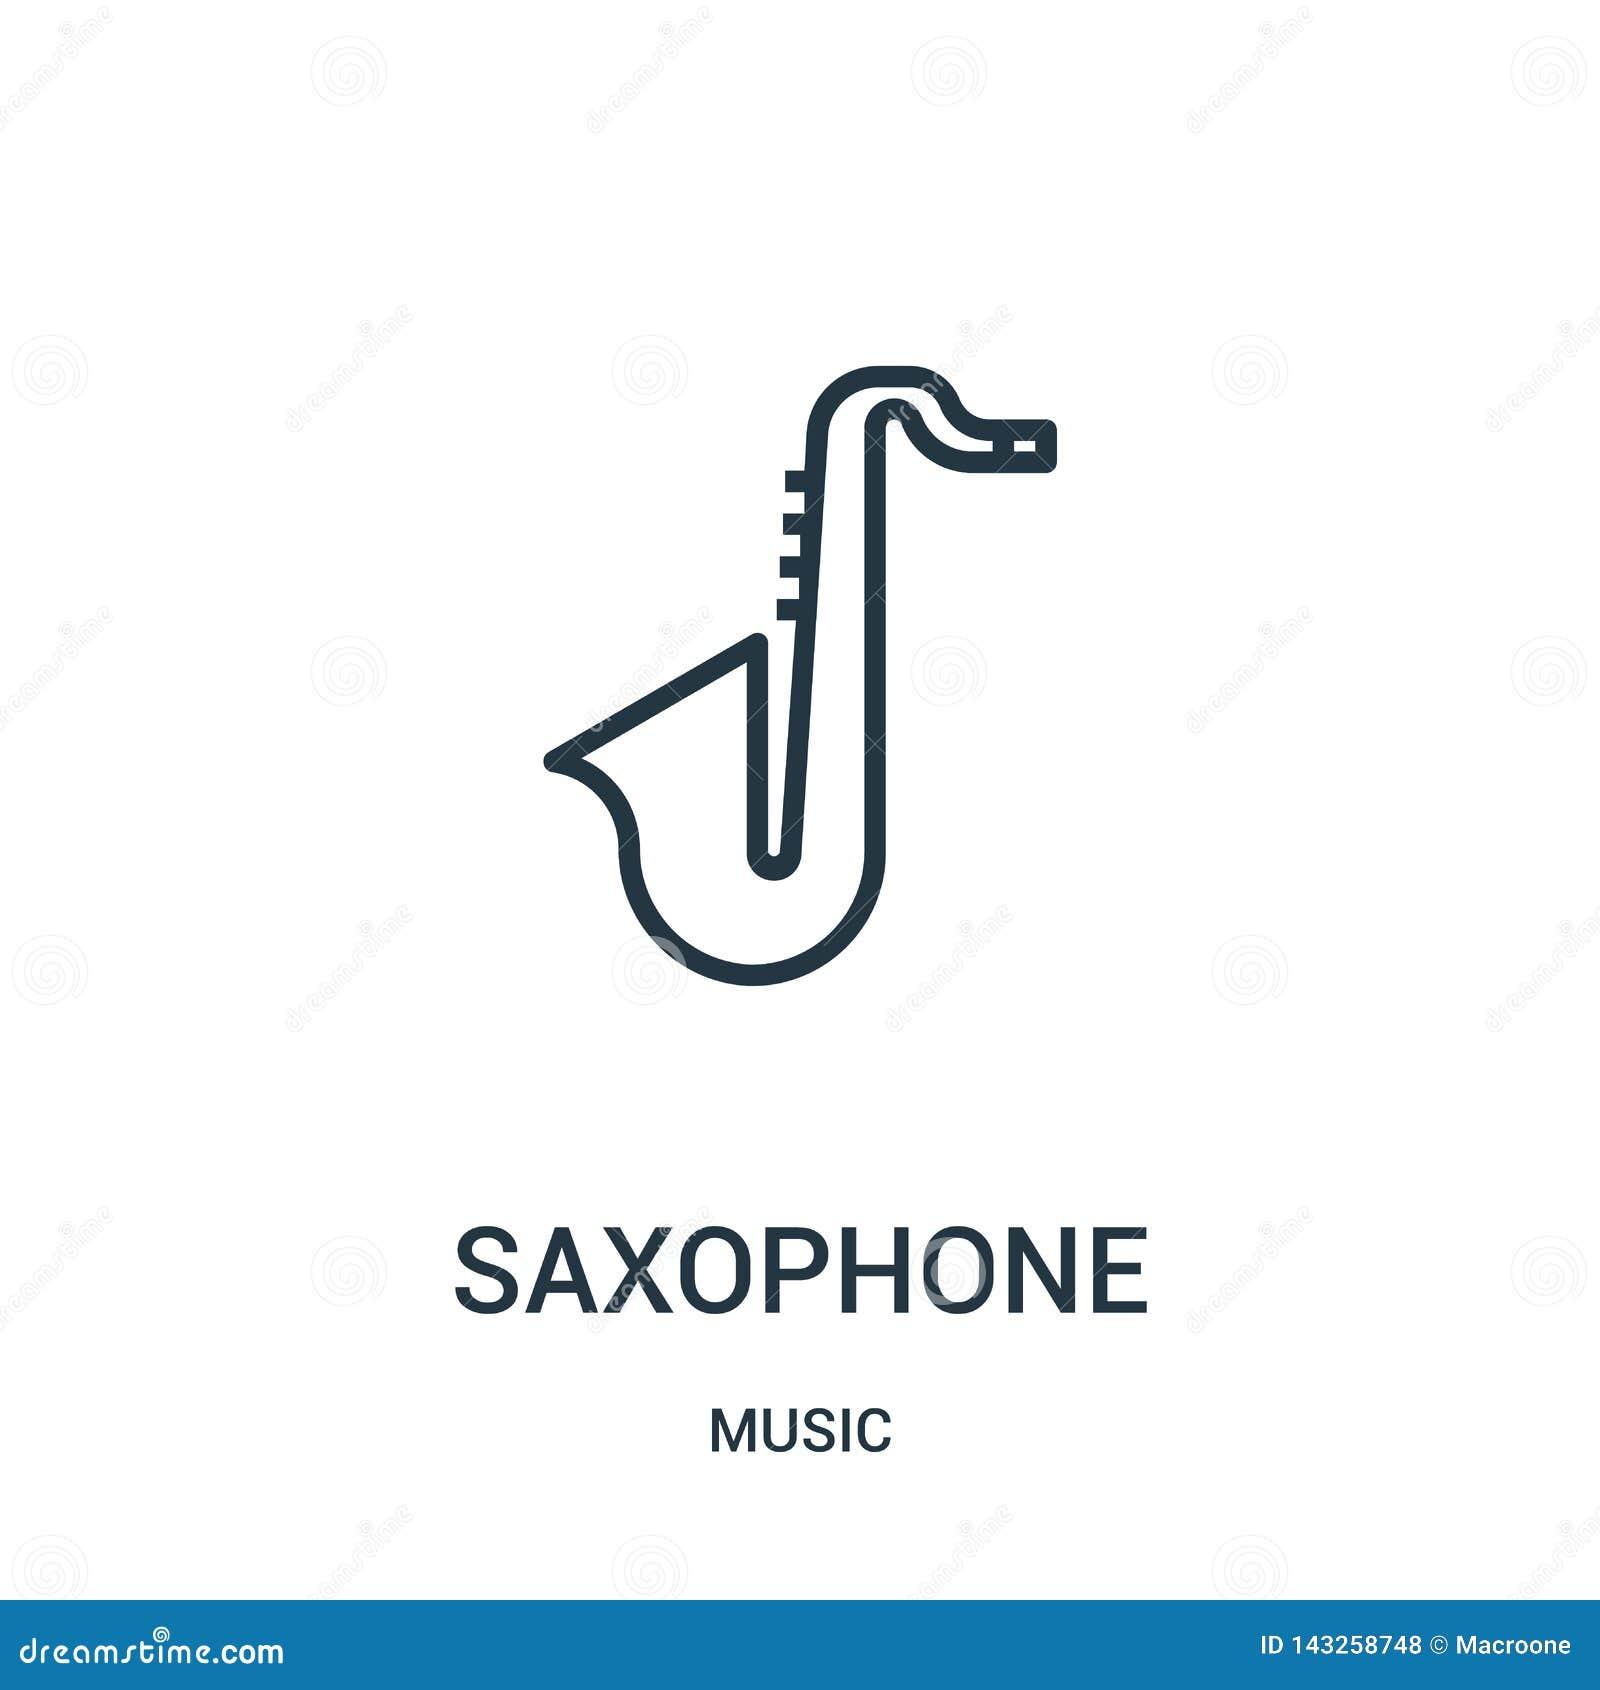 вектор значка саксофона от собрания музыки Тонкая линия иллюстрация вектора значка плана саксофона